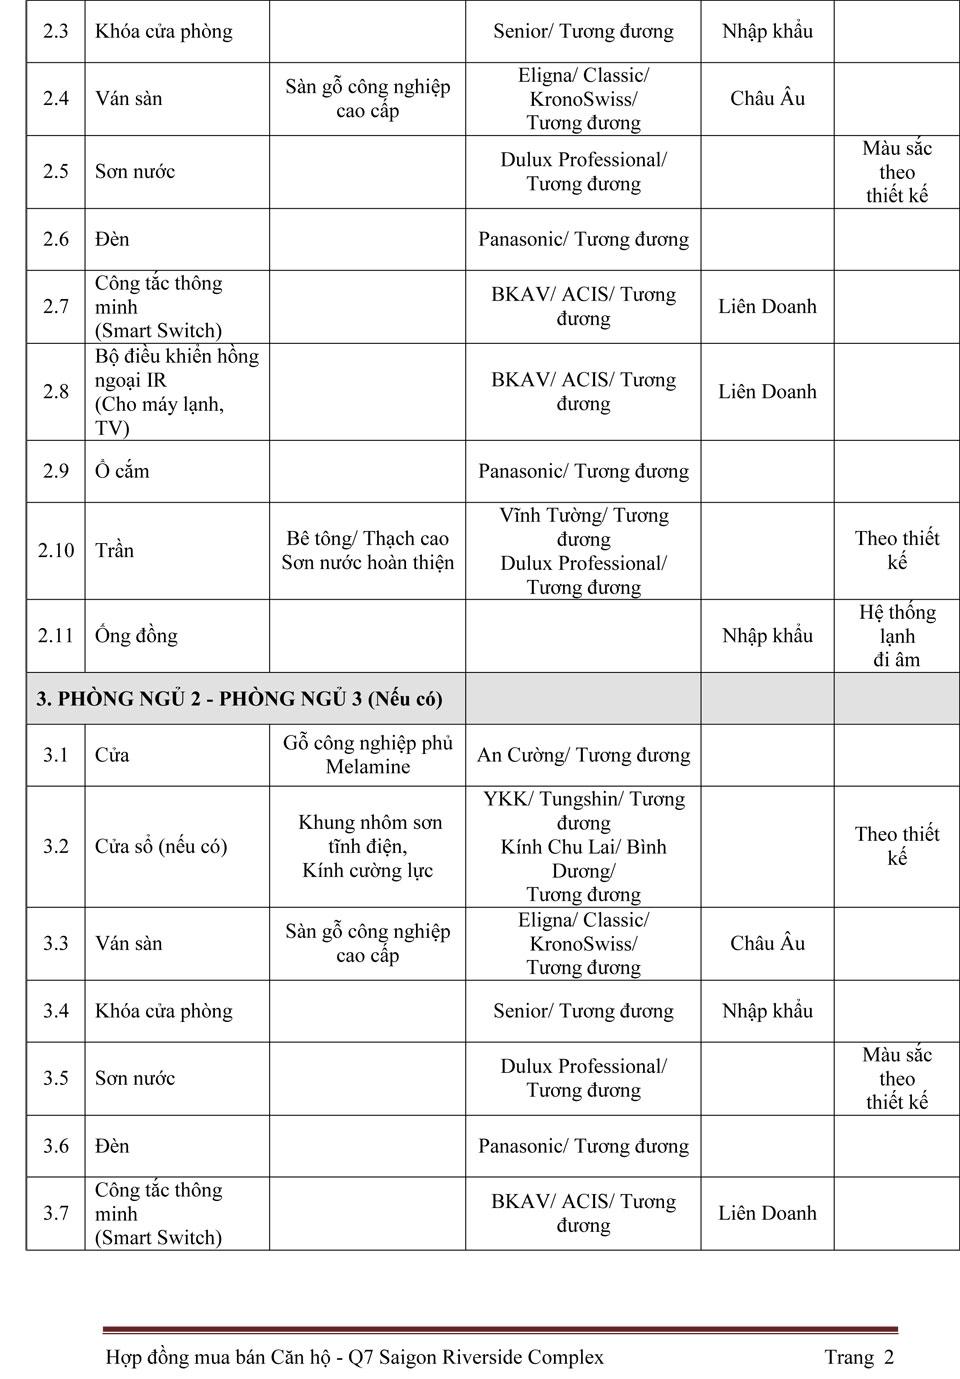 Bảng nguyên vật liệu căn hộ Q7 Saigon riverside